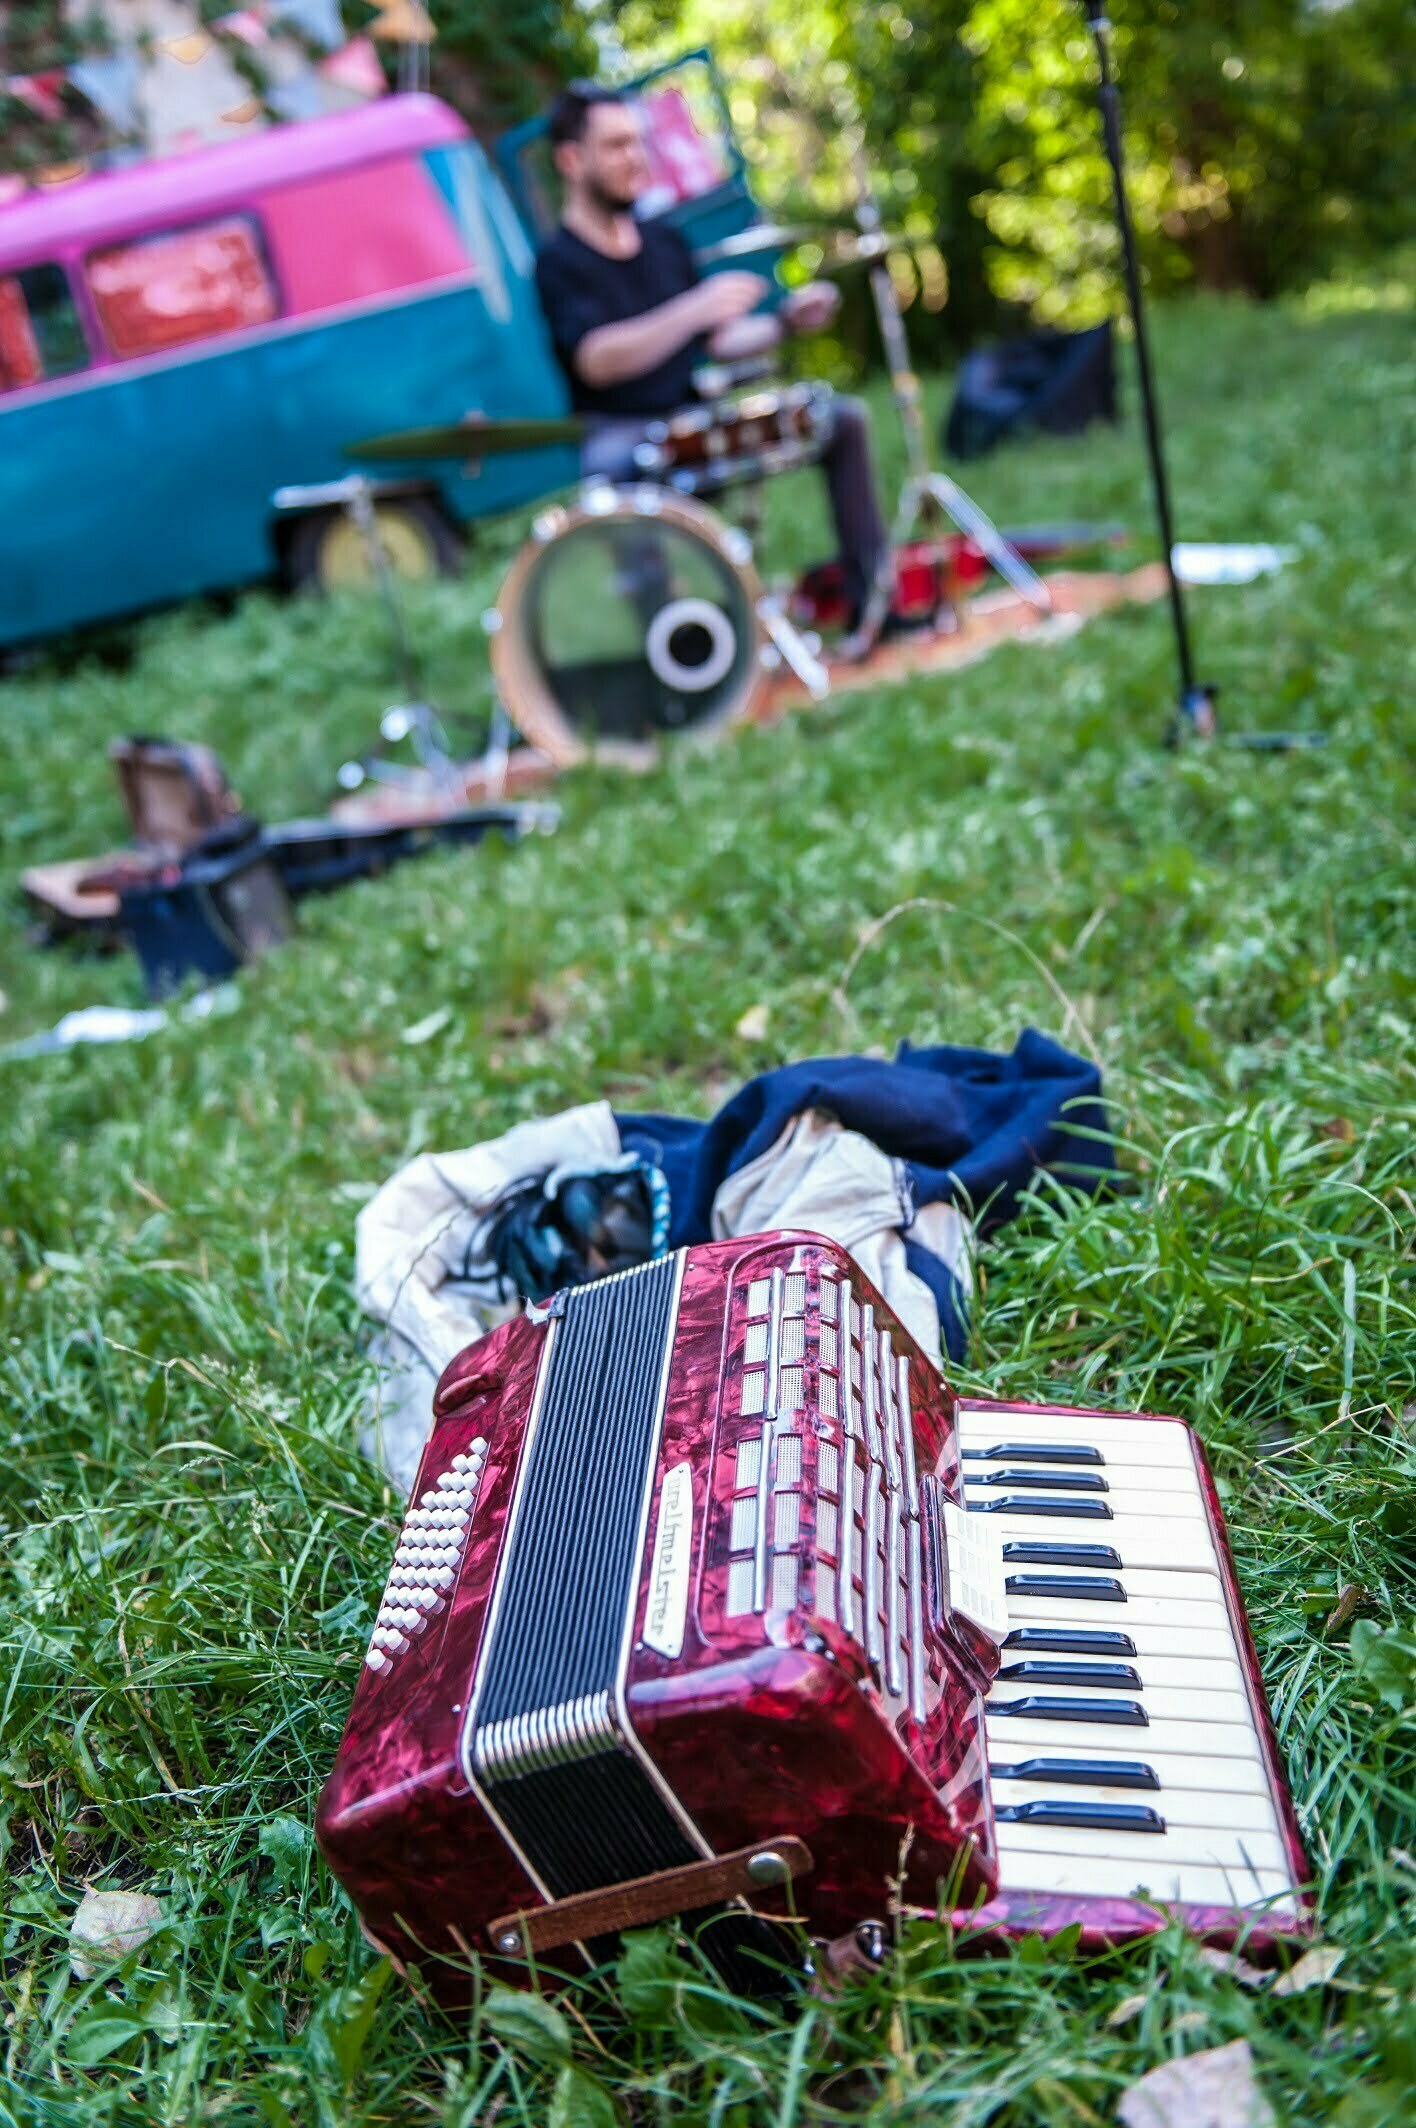 Zdjęcie z koncertu zespołu Bardzo Duży Dom. Instrumenty rozstawione są na zielonej trawie. Z przodu widać leżący akordeon, w tle perkusitę siedzącego przy perkusji.